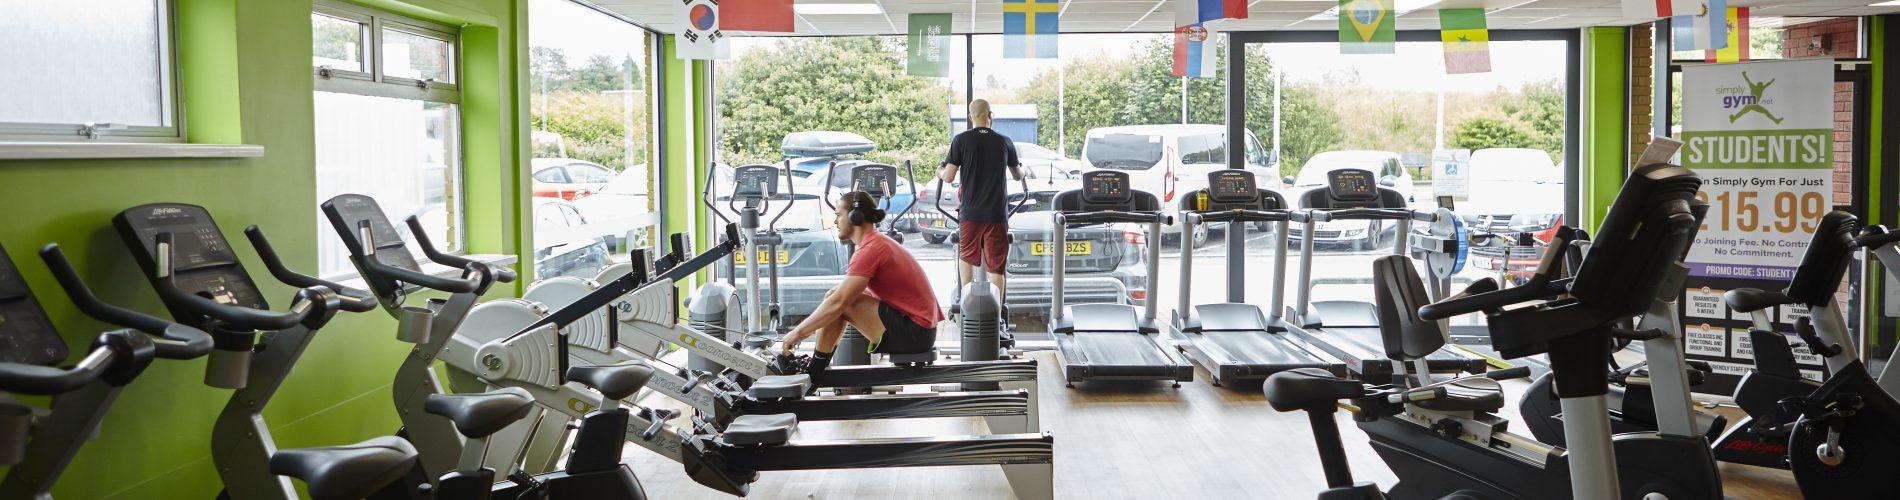 Simply Gym Gorseinon